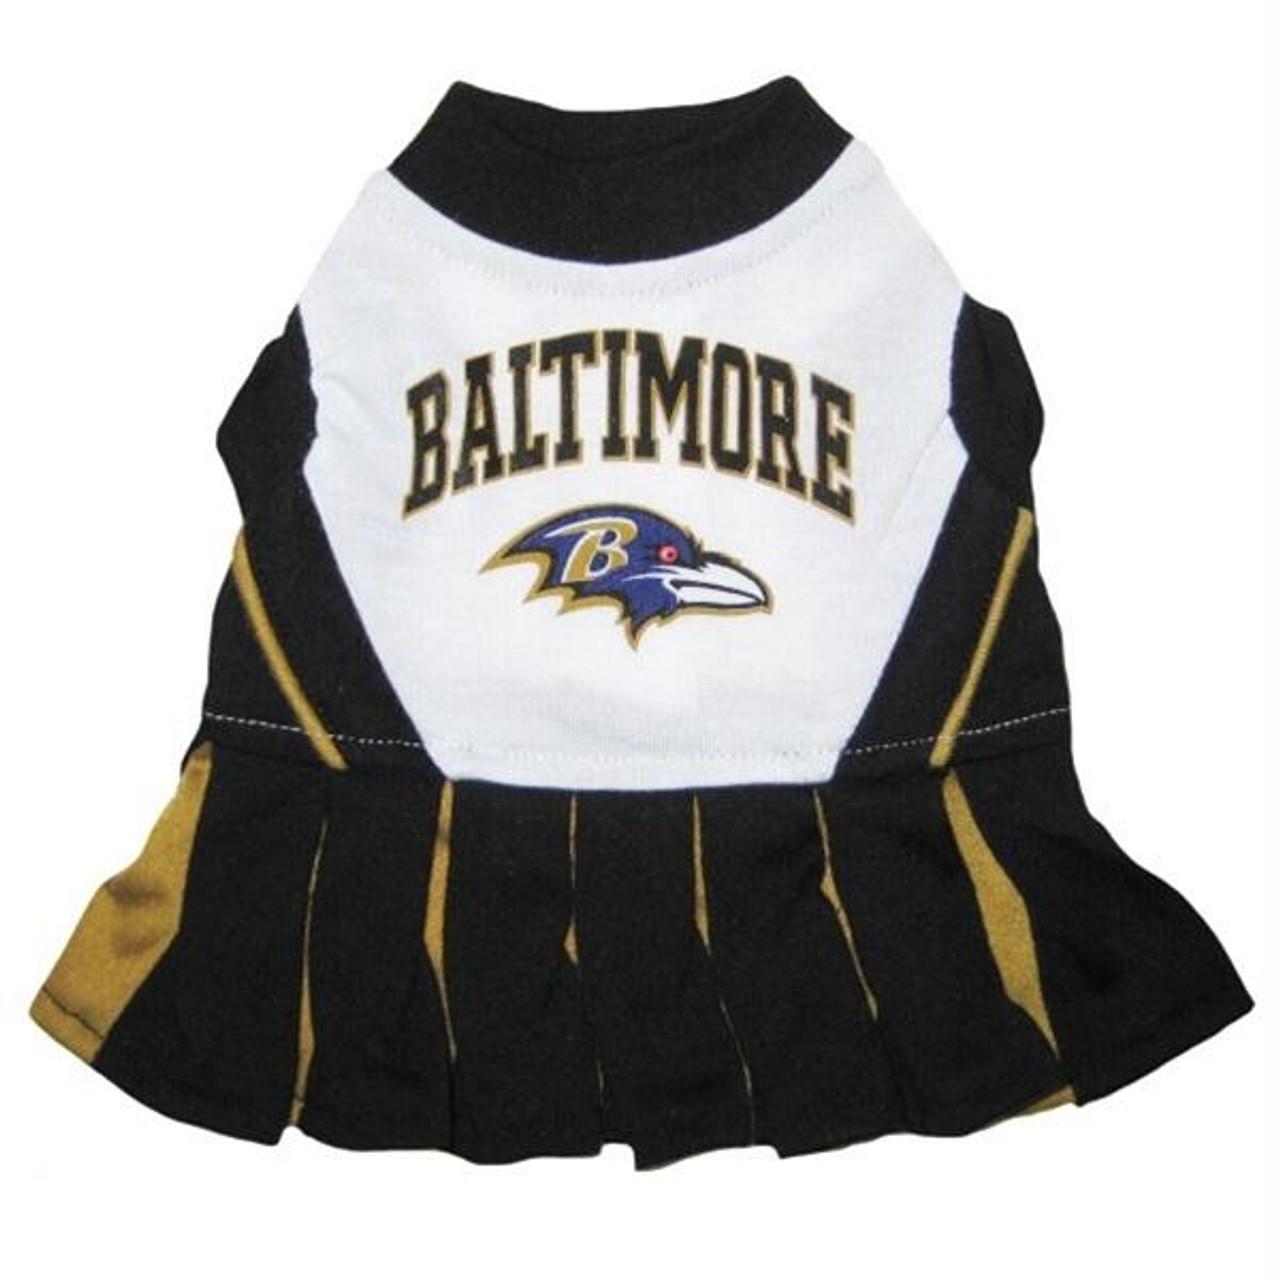 baltimore ravens jersey dress